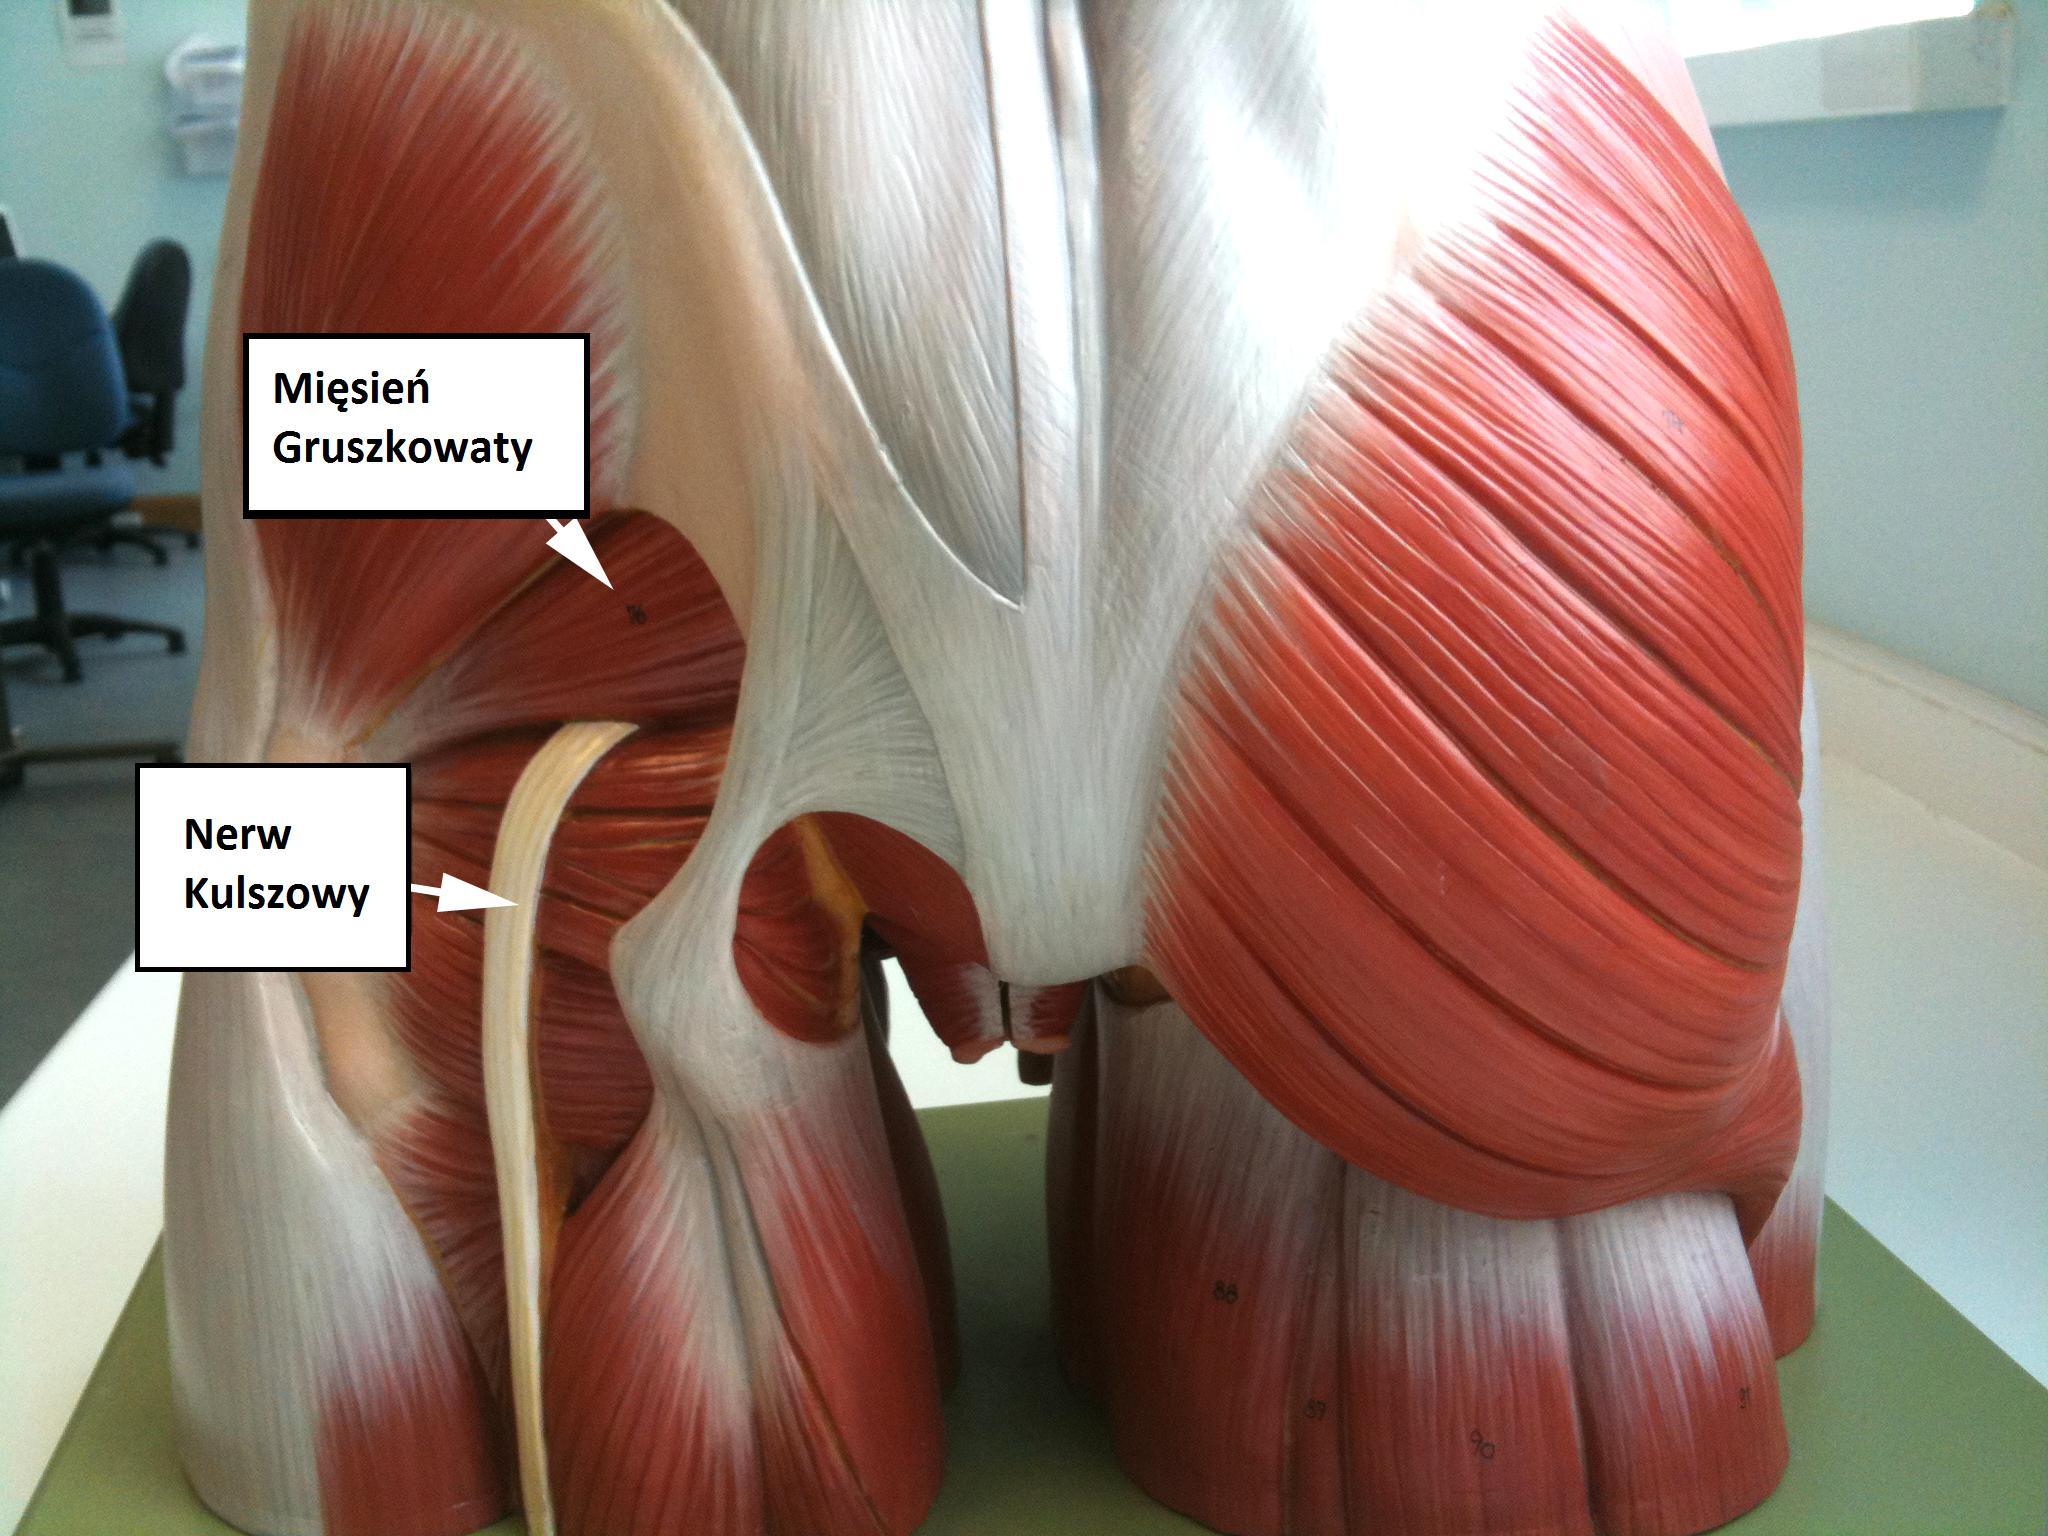 Nerw kulszowy